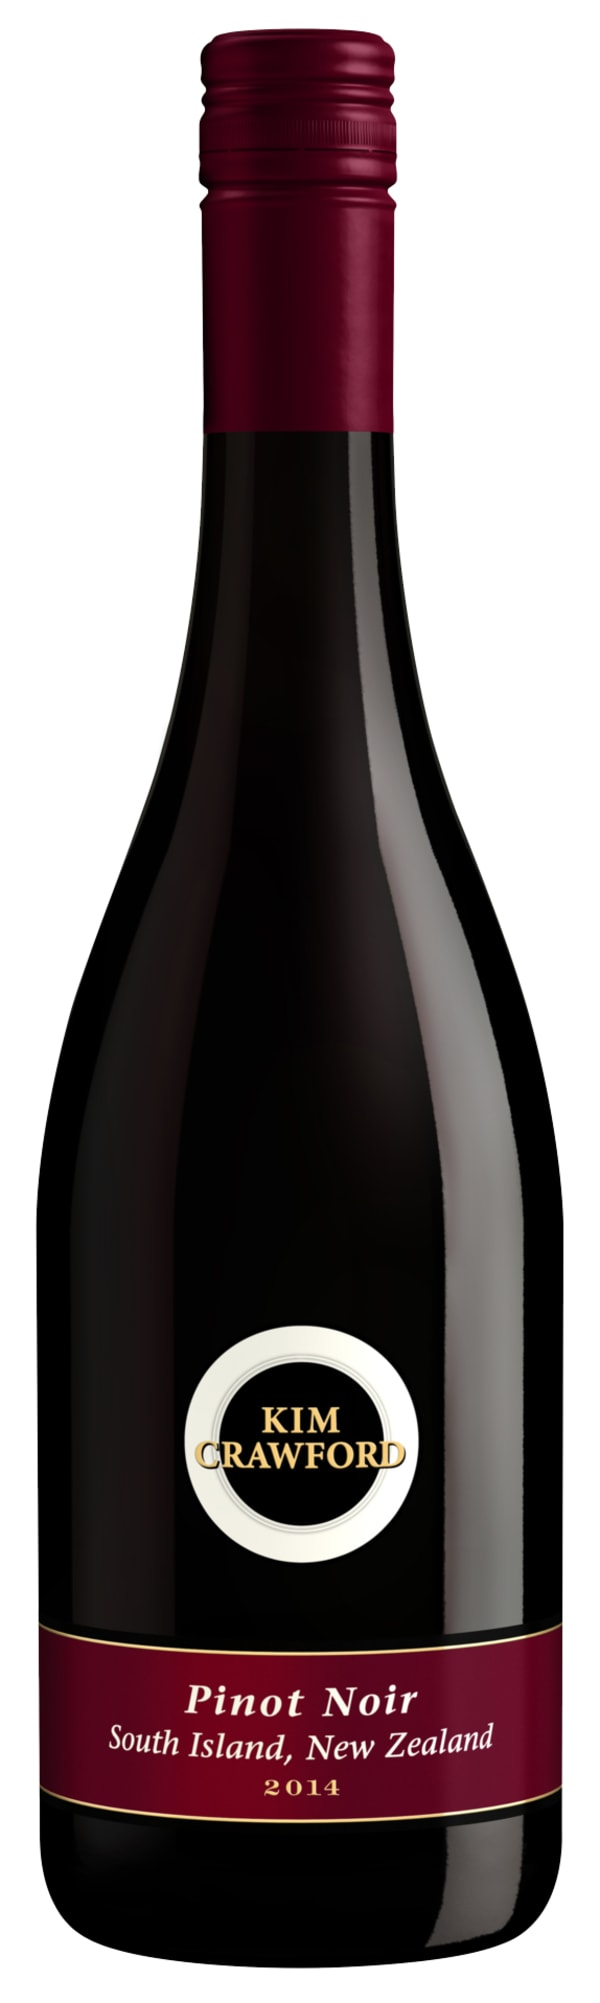 Kim Crawford Pinot Noir 2015